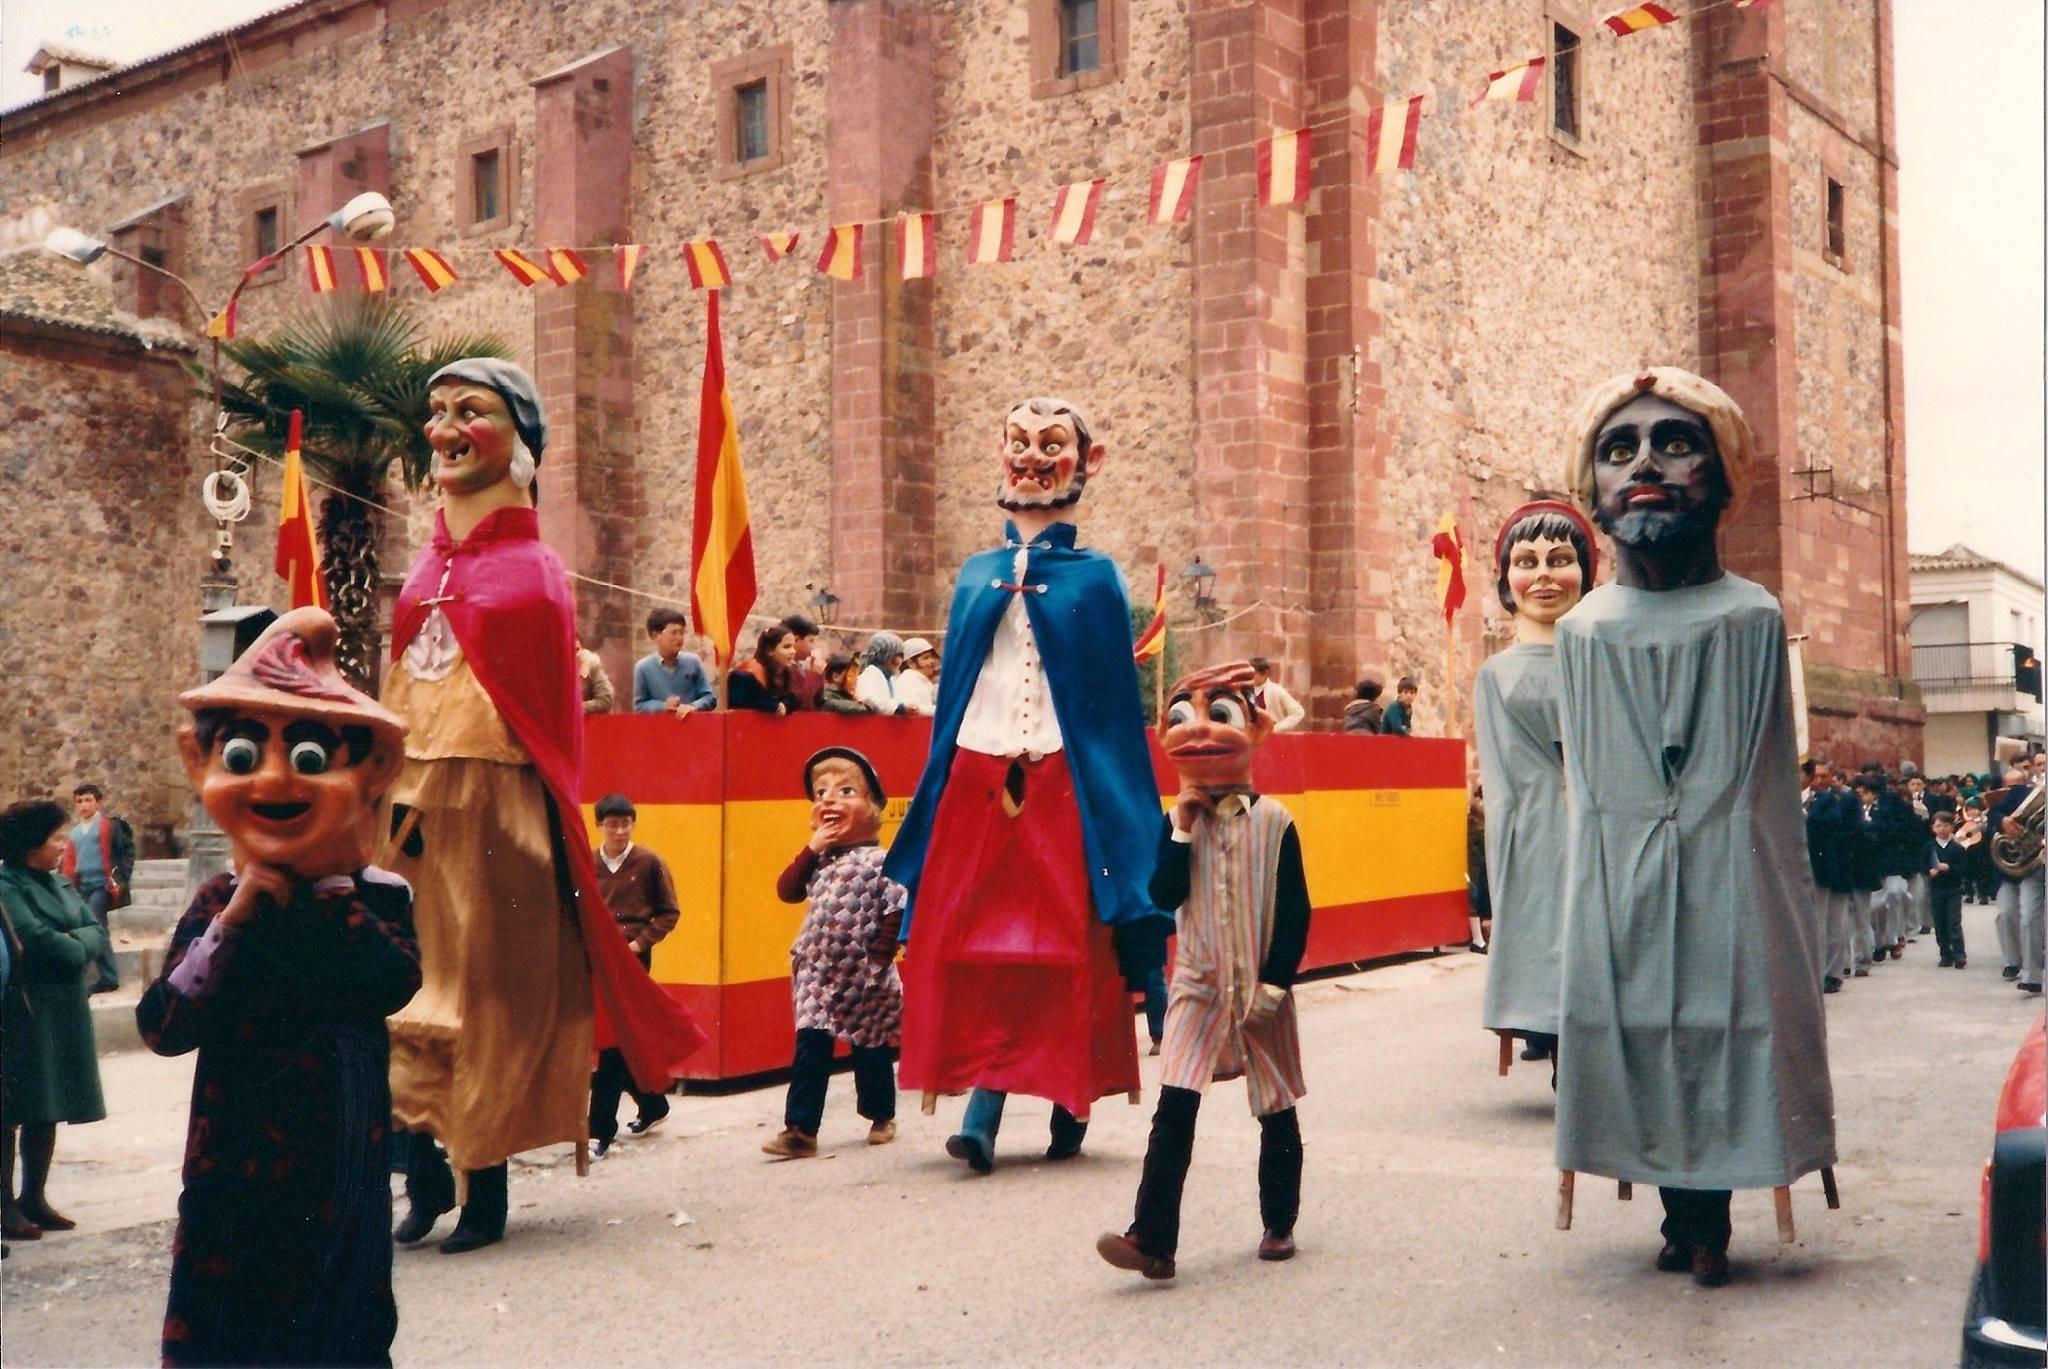 La Máscara de Carnaval, nuestros Gigantes y Cabezudos y Mariano 8